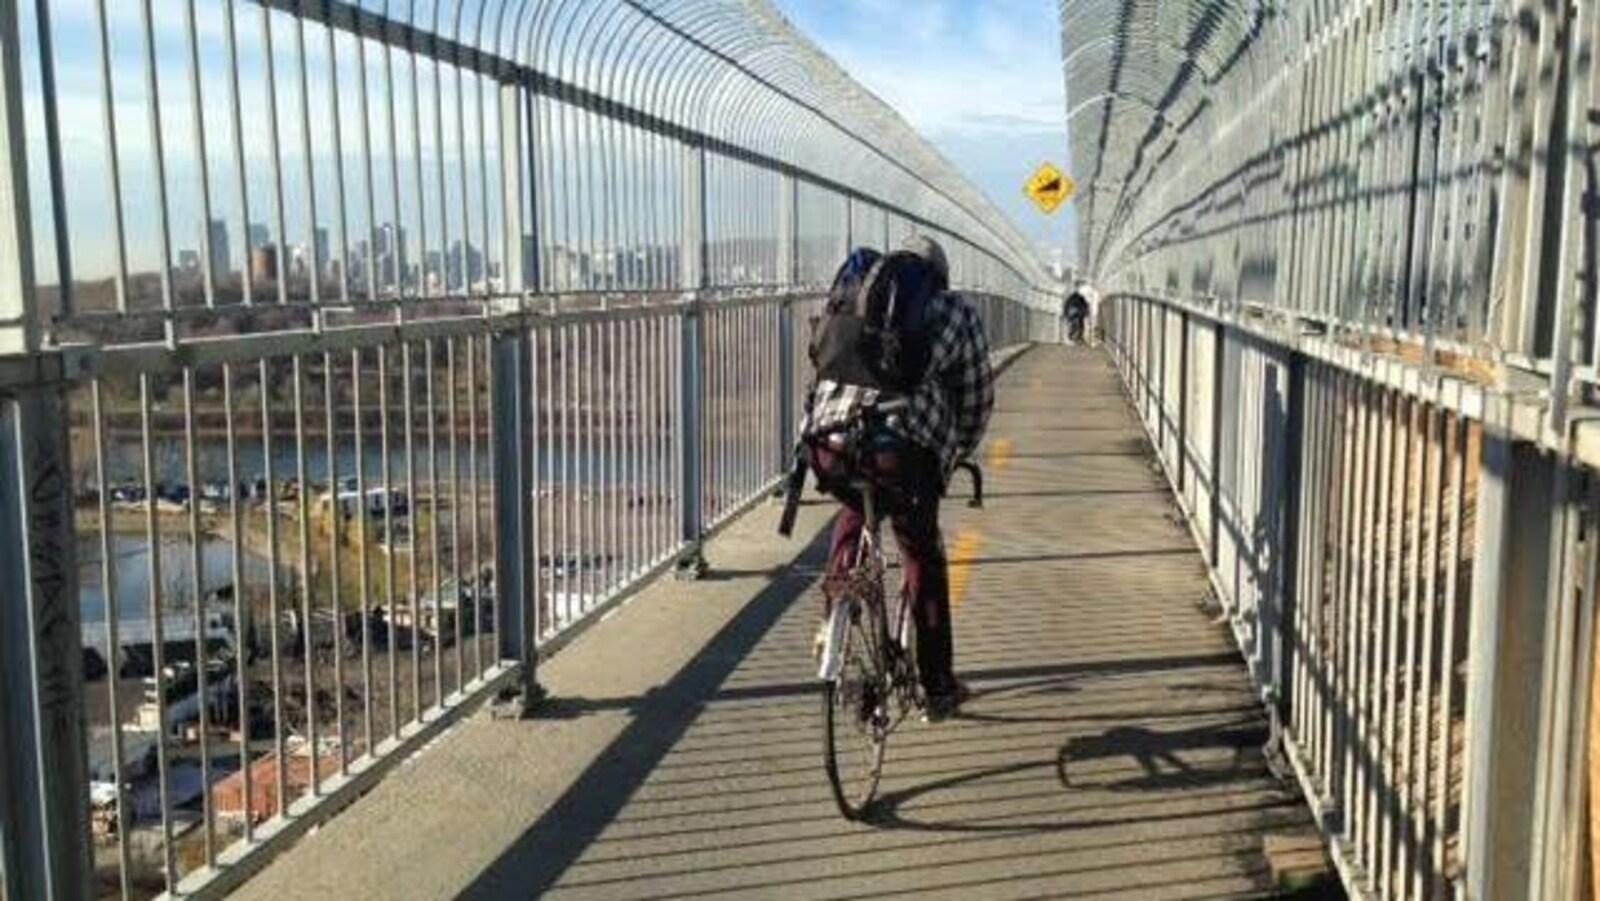 Un cycliste circulant sur la piste multifonctionnelle du pont Jacques-Cartier.